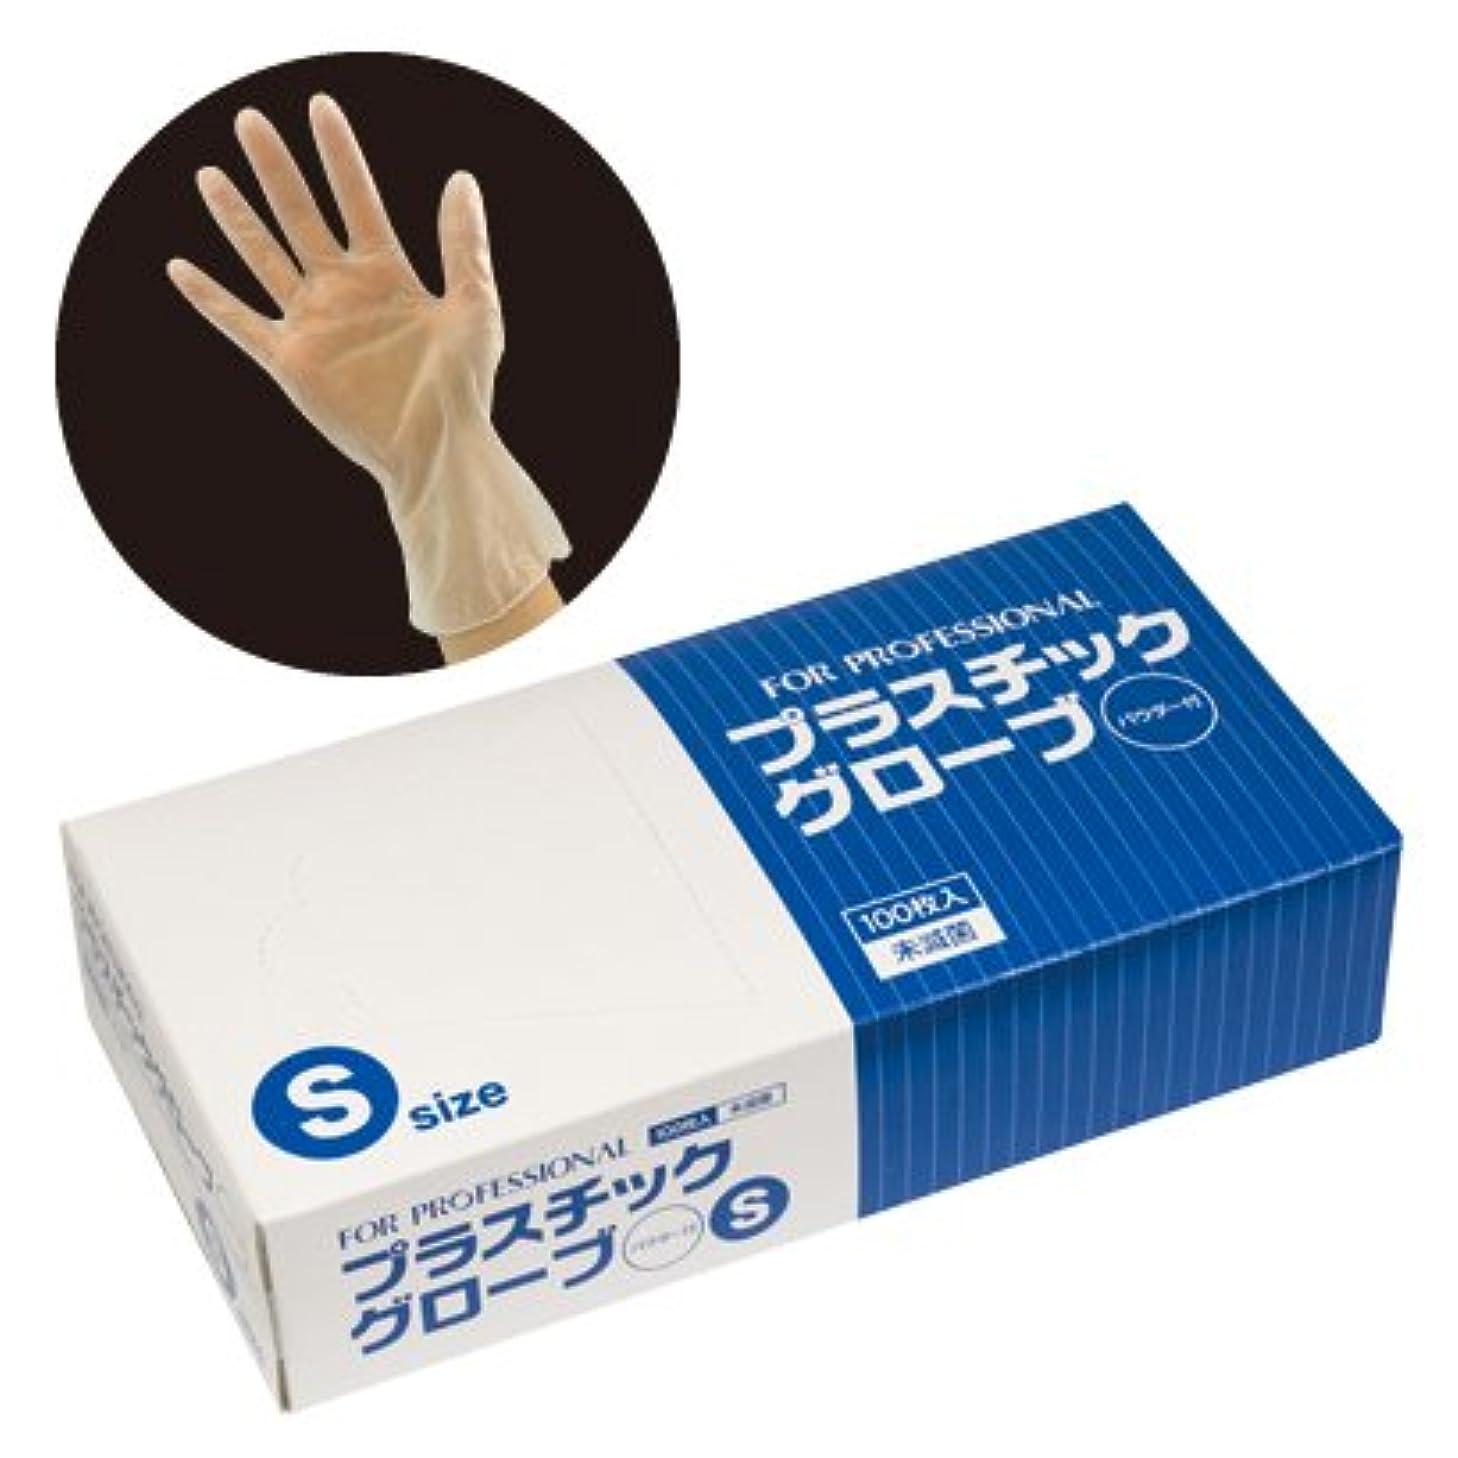 はさみゆりかごはっきりと【業務用】 FEED(フィード) プラスチックグローブ(手袋) パウダー付/M カートン (作業用) 100枚入×10ケース (329.4円/1個あたり)